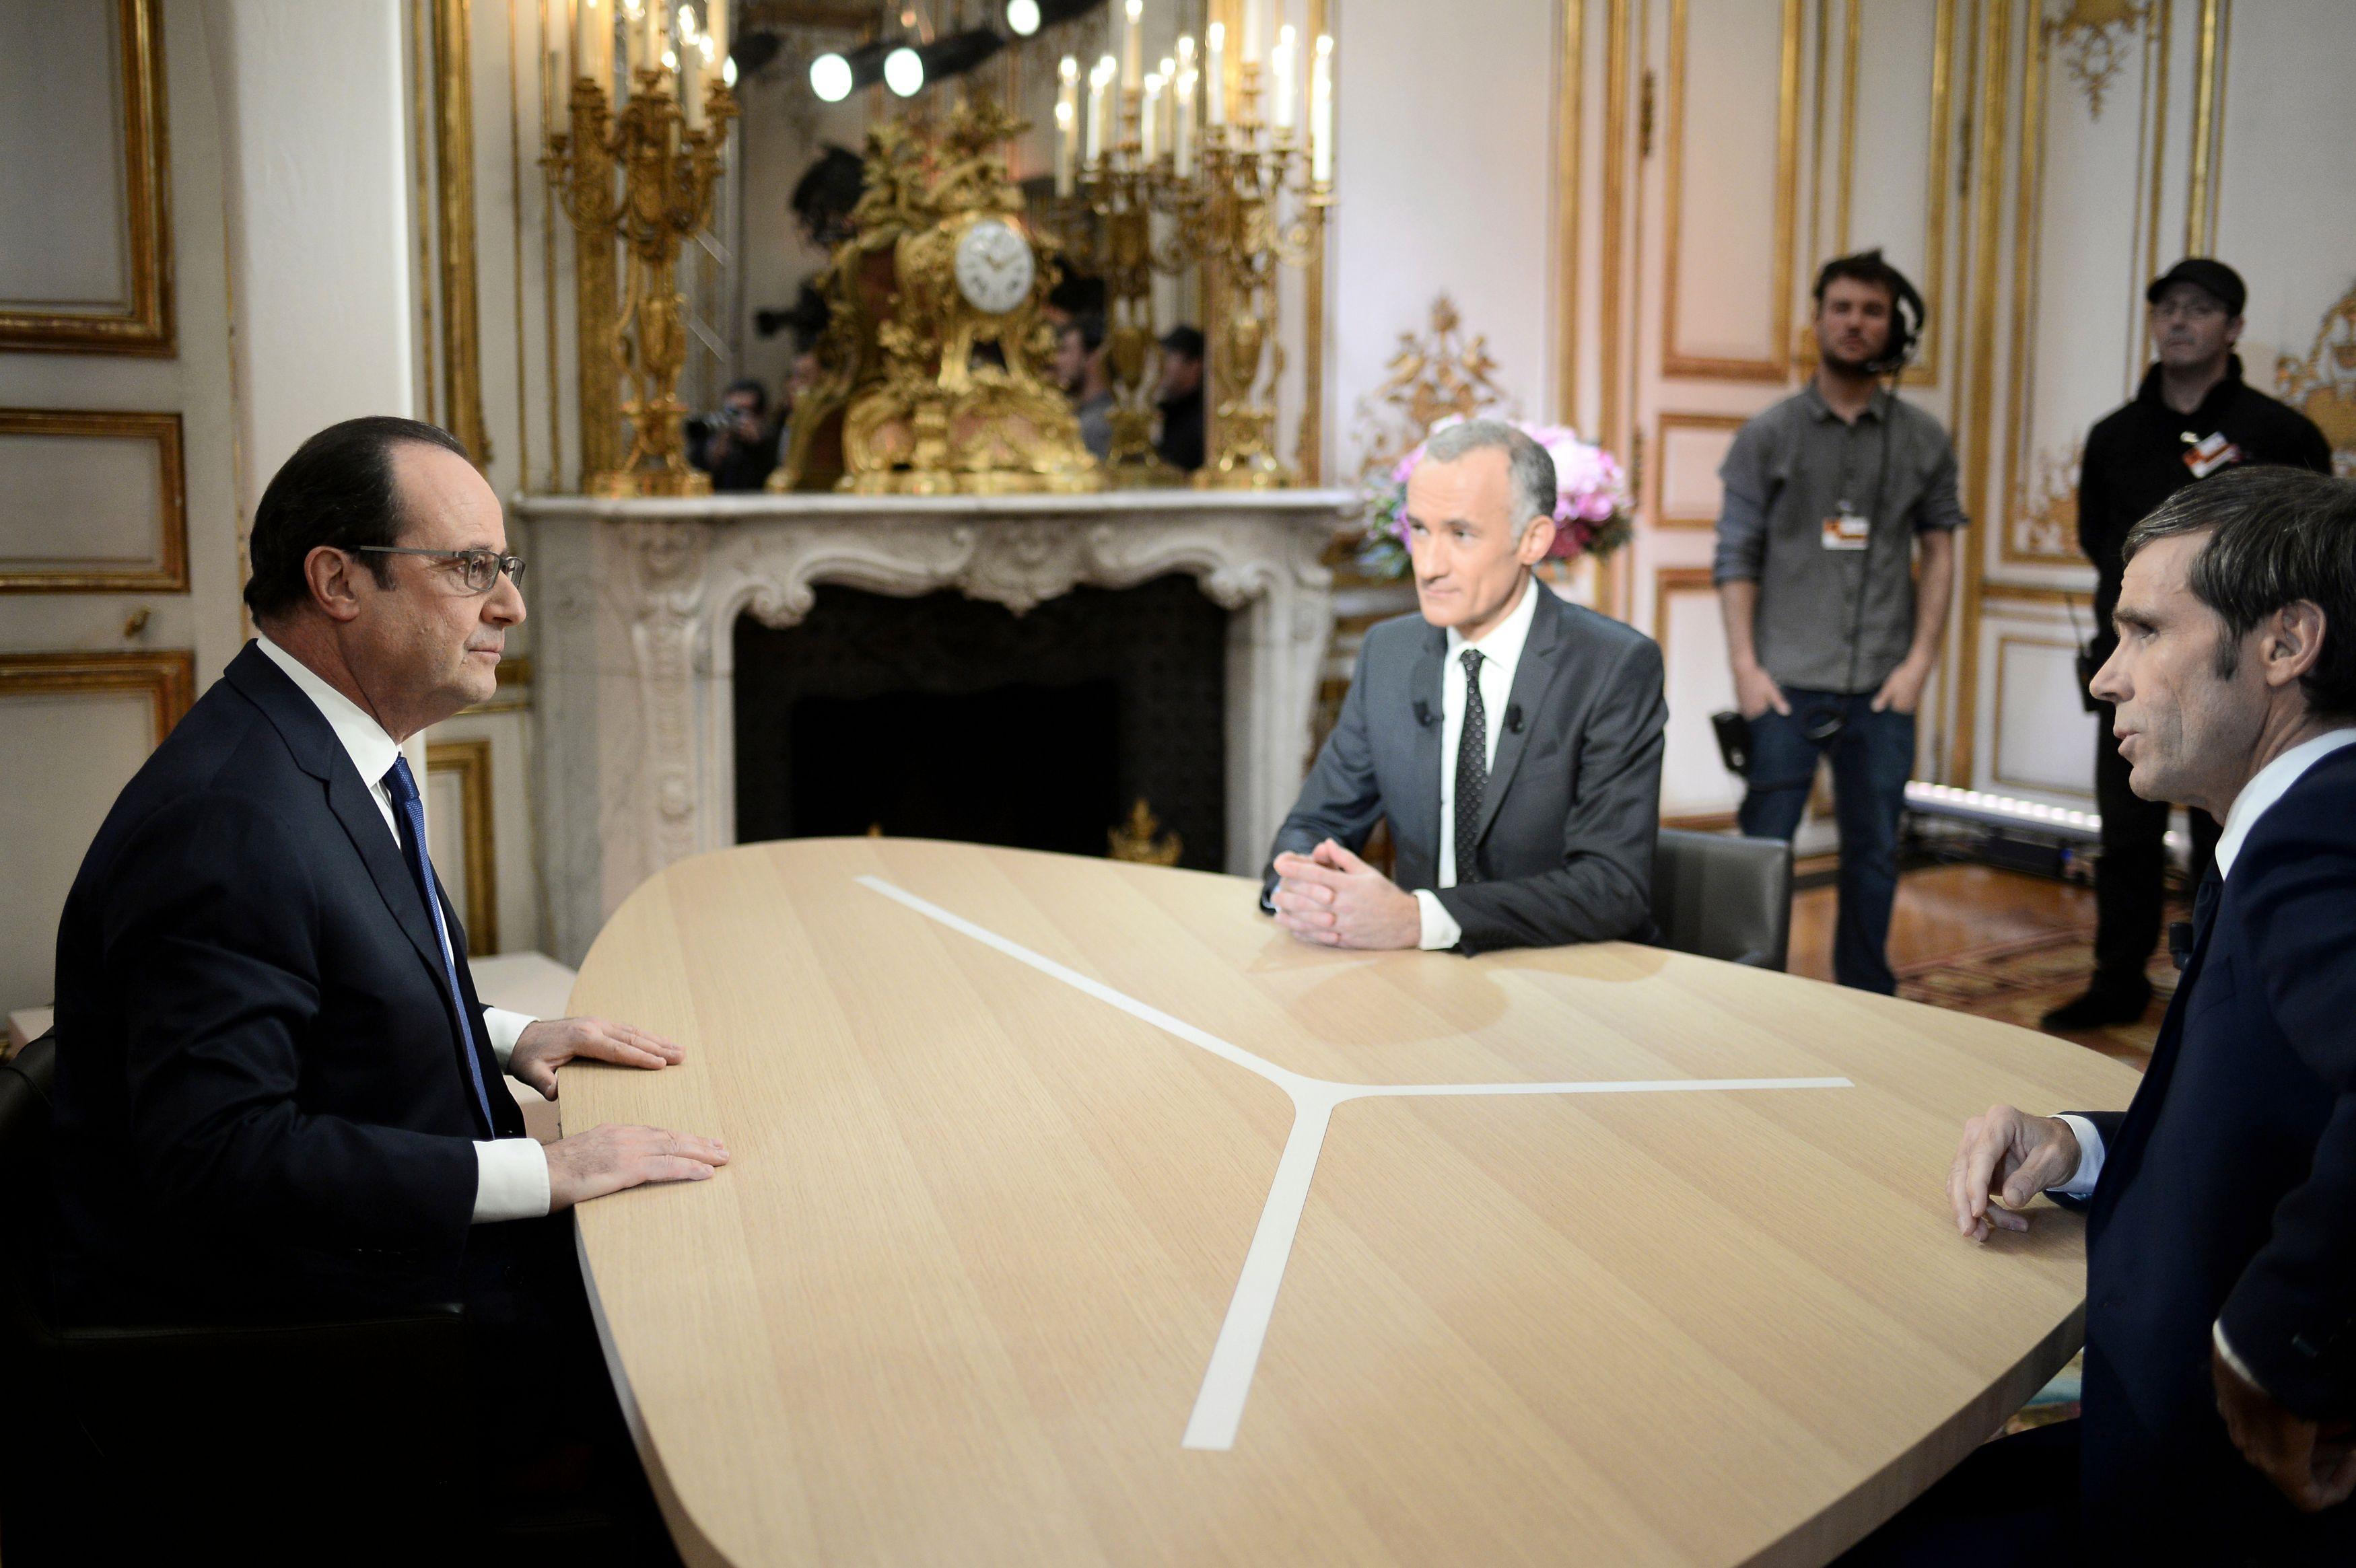 """Selon cette enquête, 47% des sondés ont trouvé François Hollande """"plutôt convaincant"""" sur la question du terrorisme."""